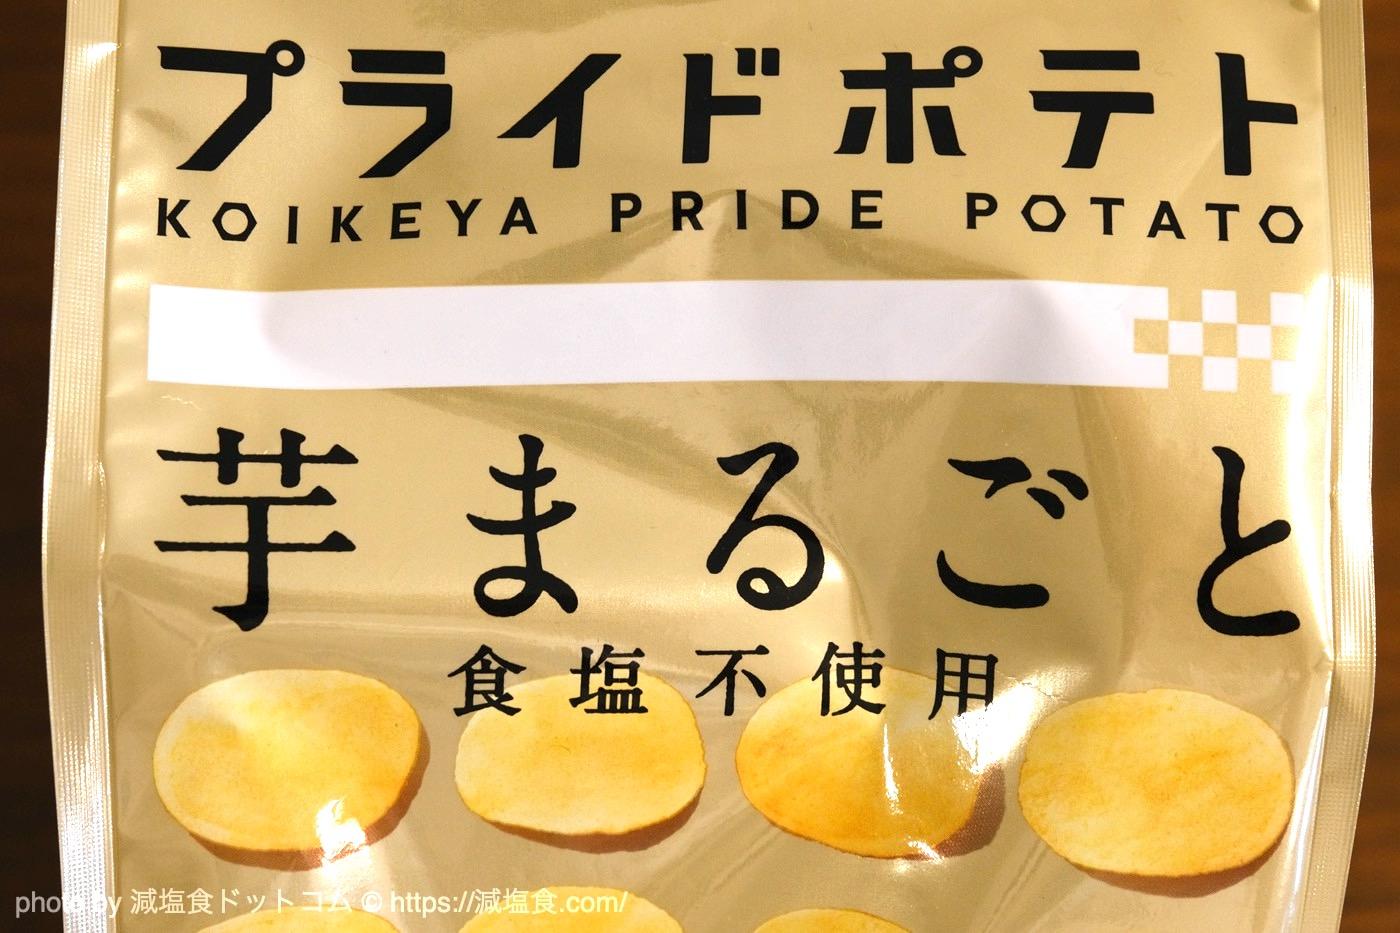 コイケヤ プライドポテト 食塩不使用